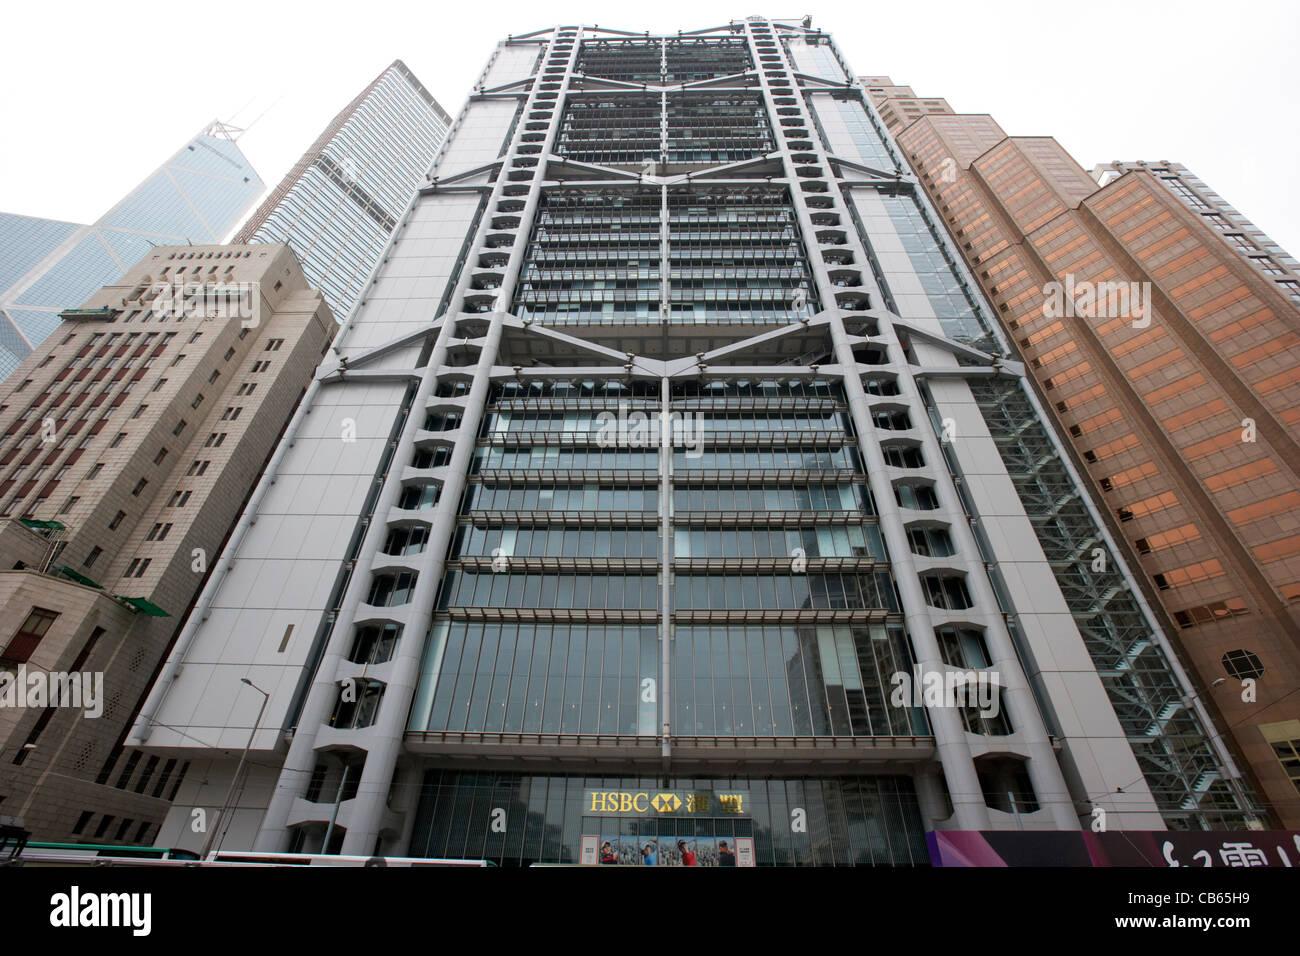 Hong Kong And Shanghai Bank Stock Photos & Hong Kong And